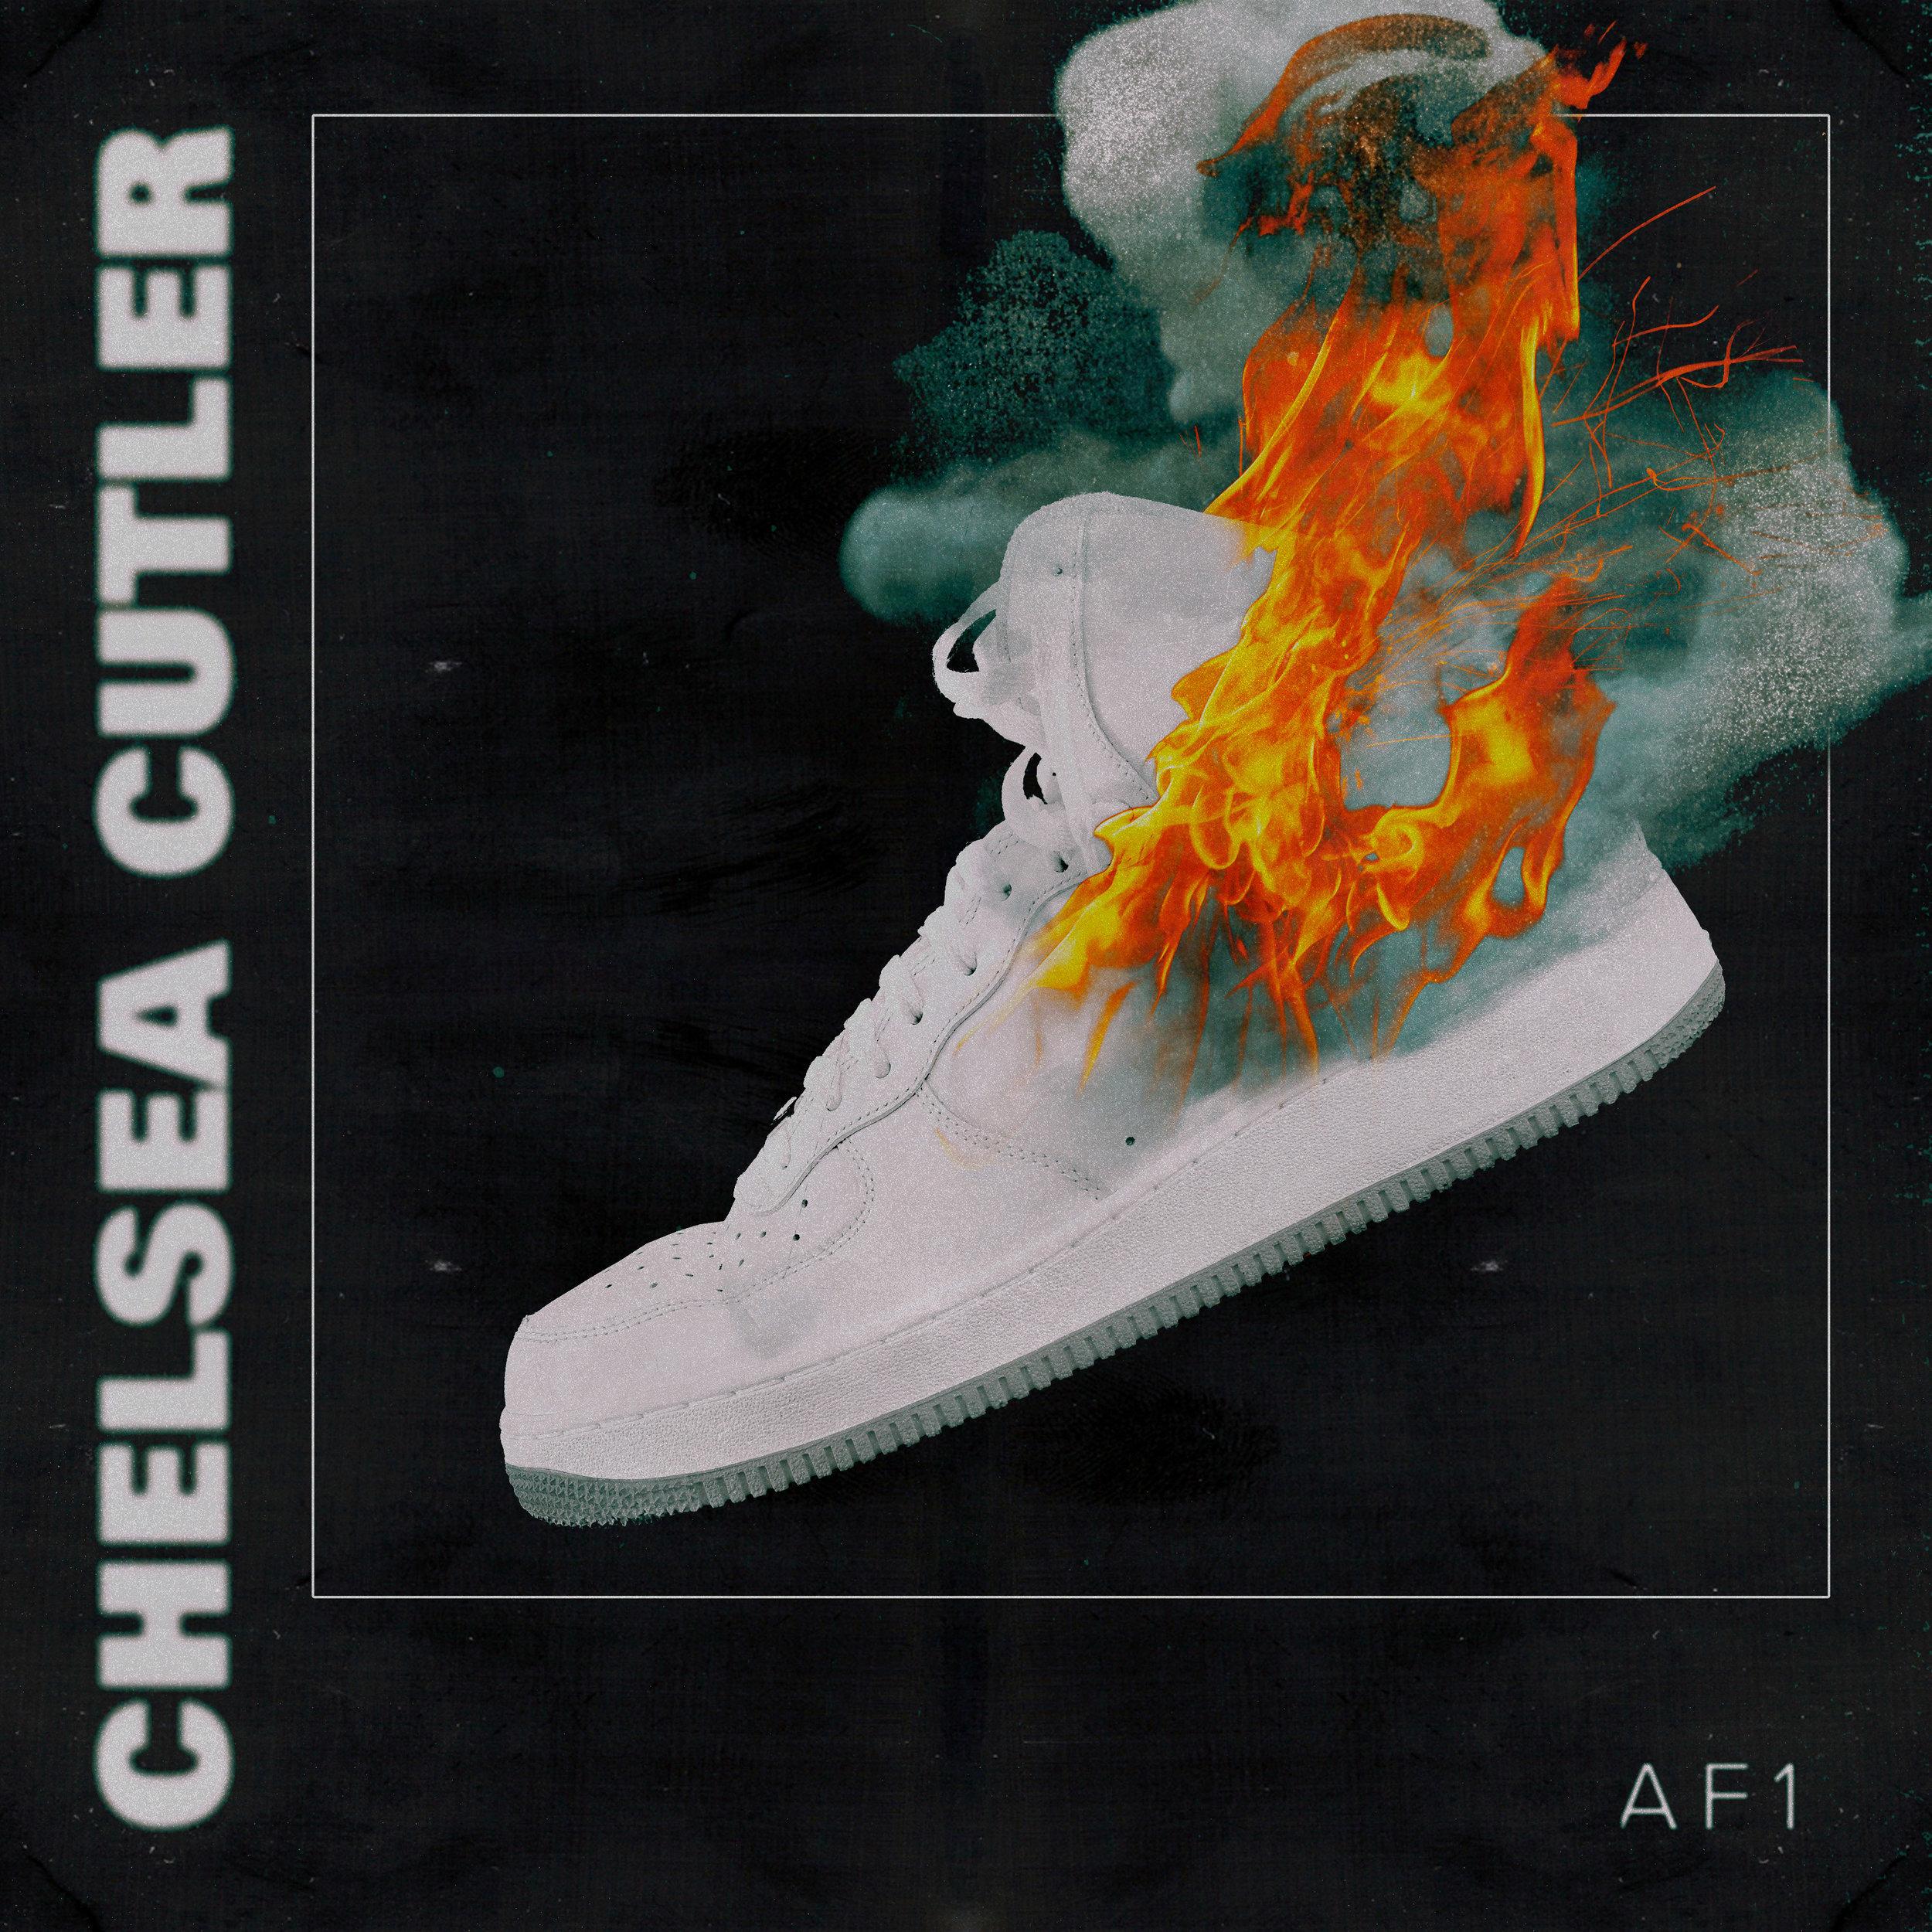 ChelseaCutler_AF1_101618_v1.jpg